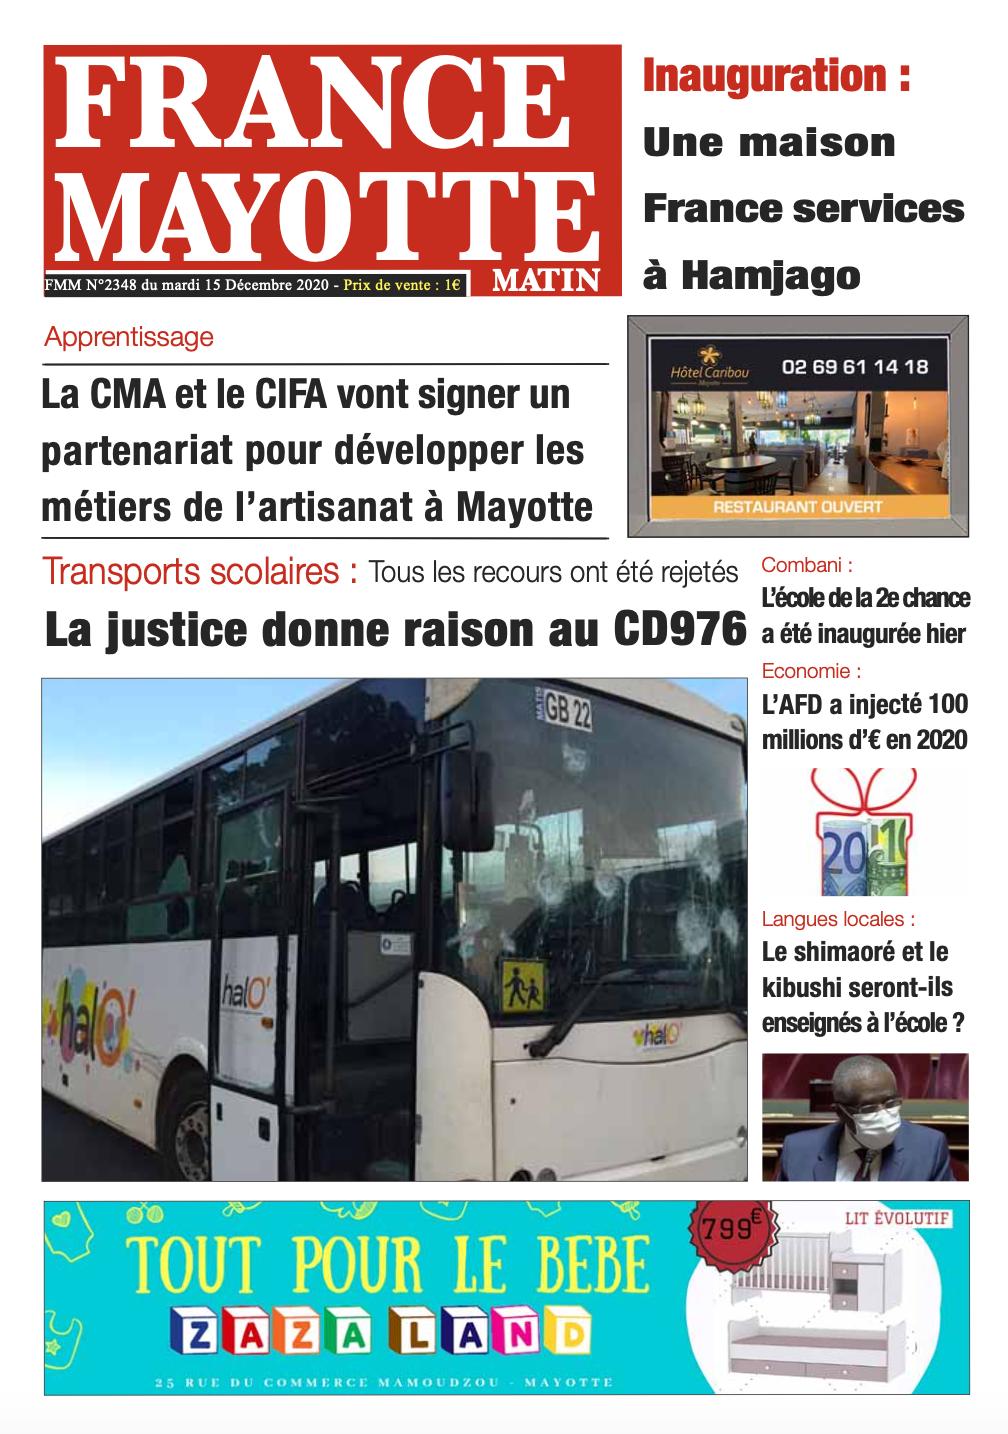 France Mayotte Mardi 15 décembre 2020